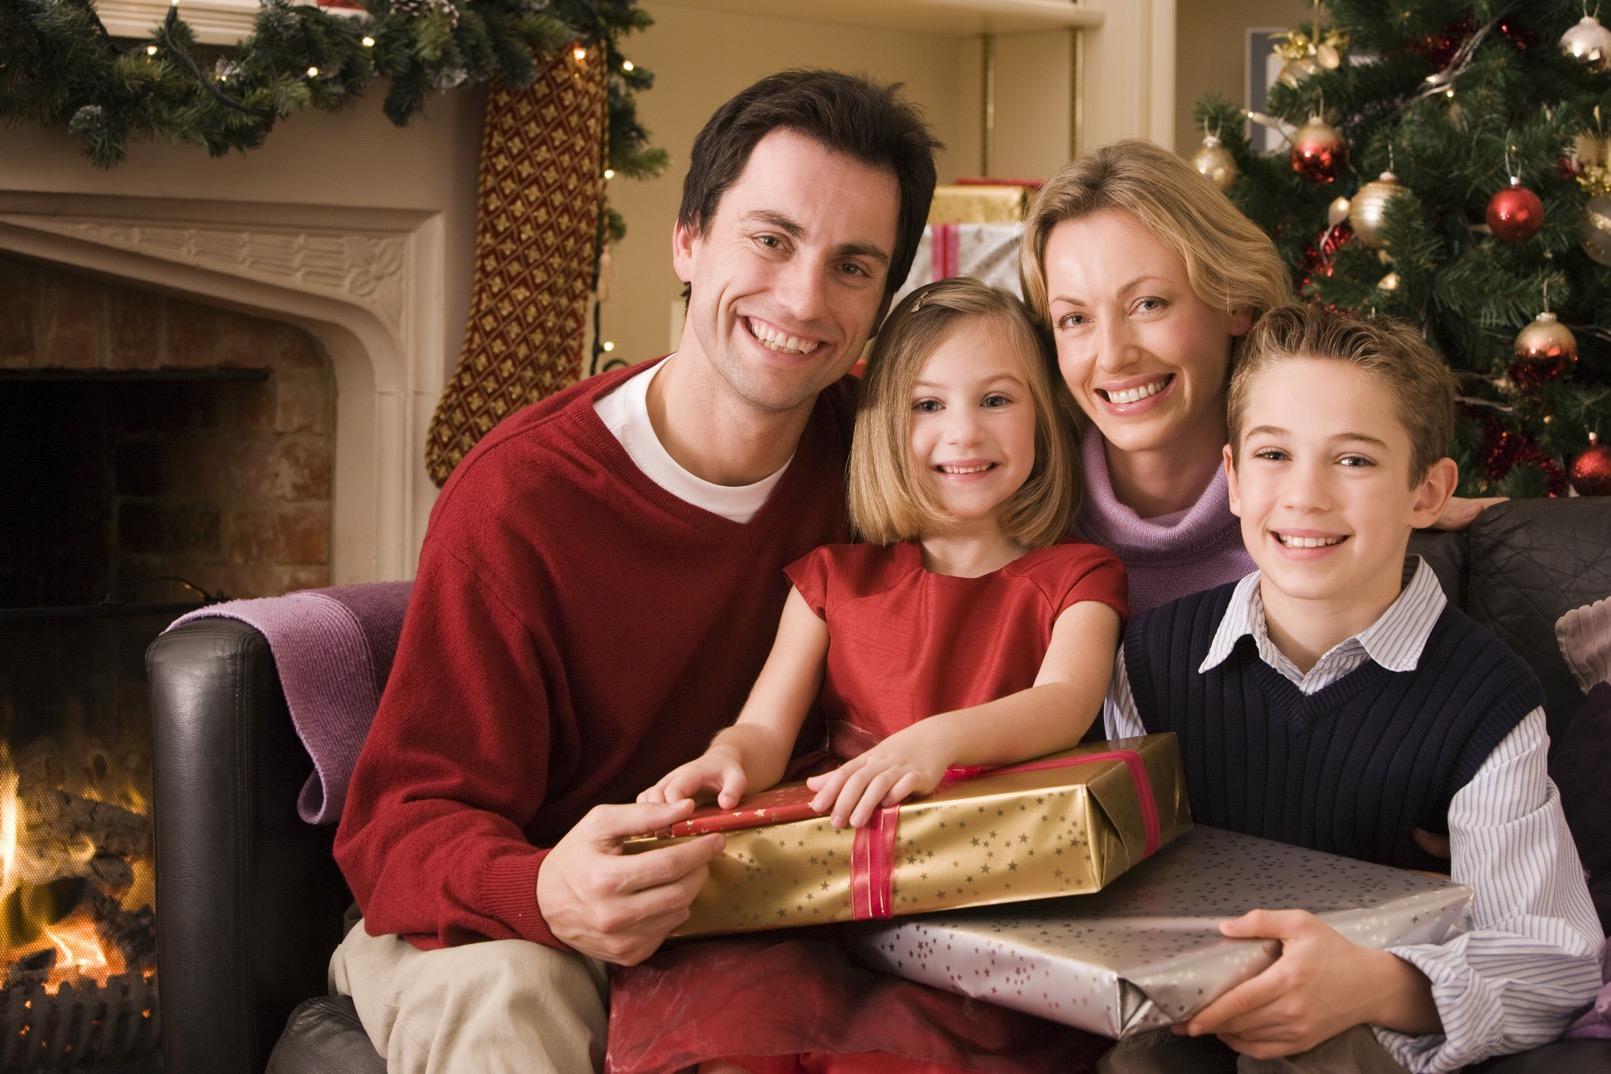 Rodina vánoční